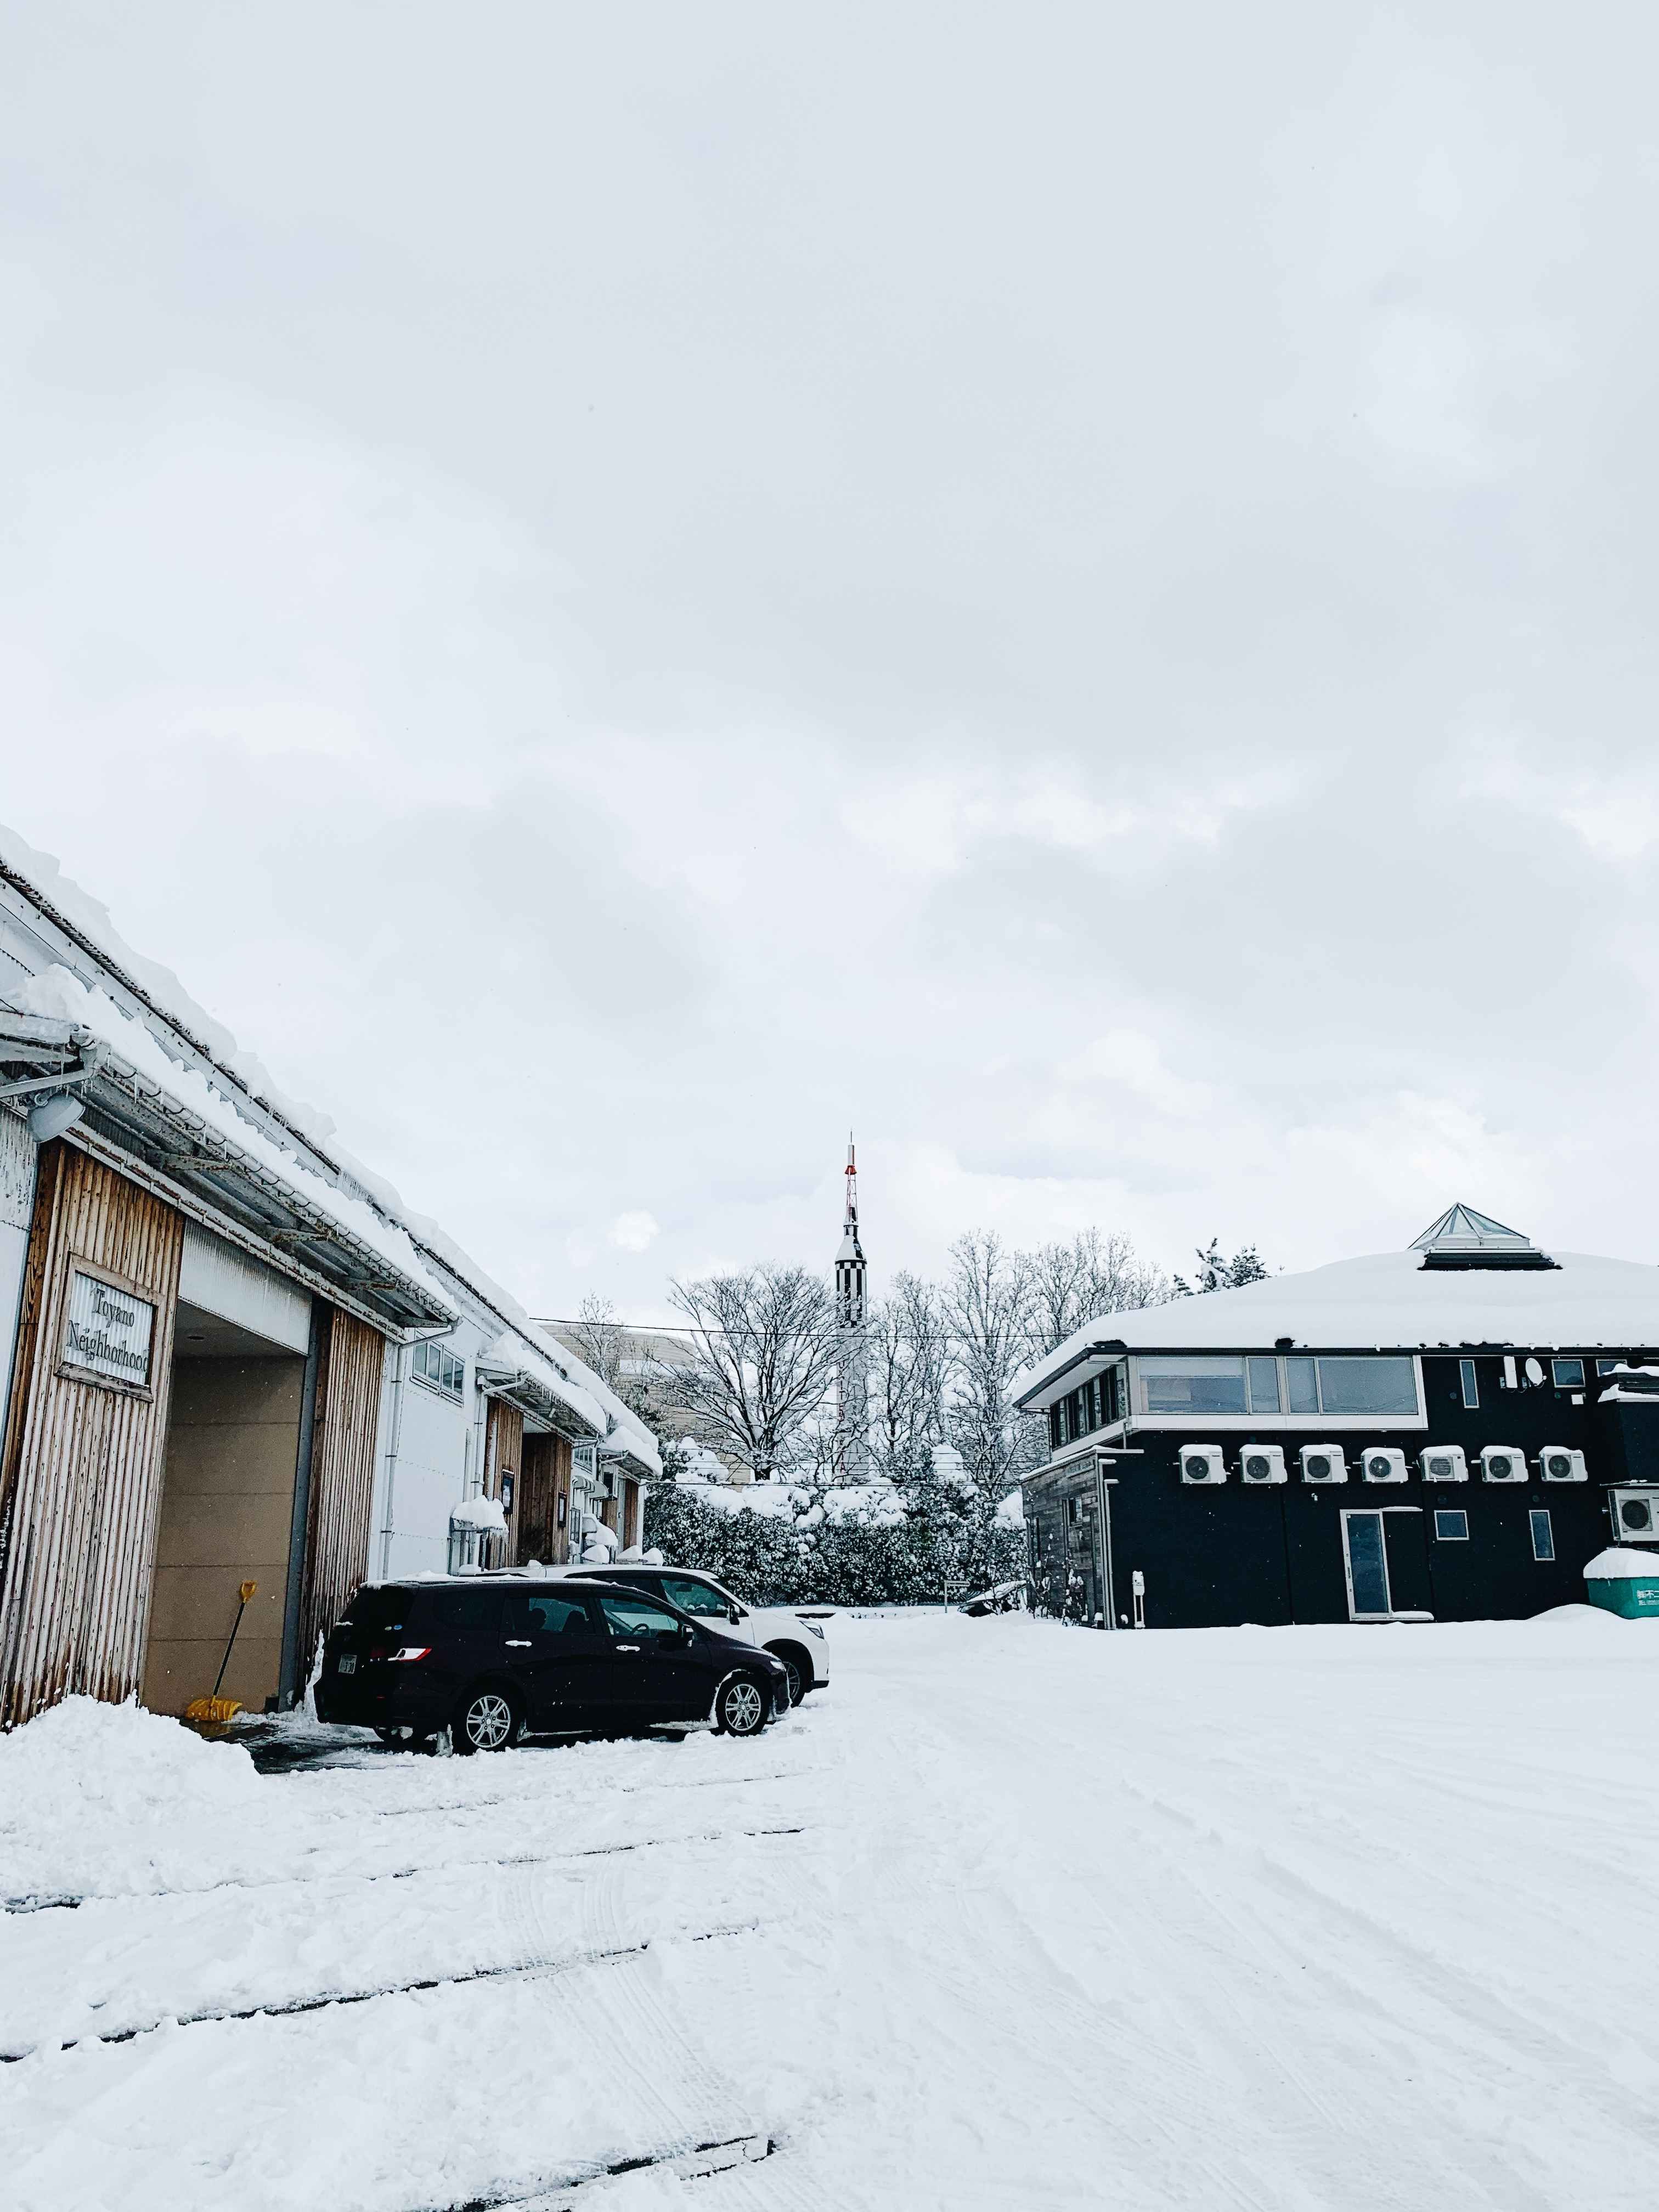 大雪による発送スケジュール変更のお知らせ/1万円以上お買上げで送料無料(1月11日まで)